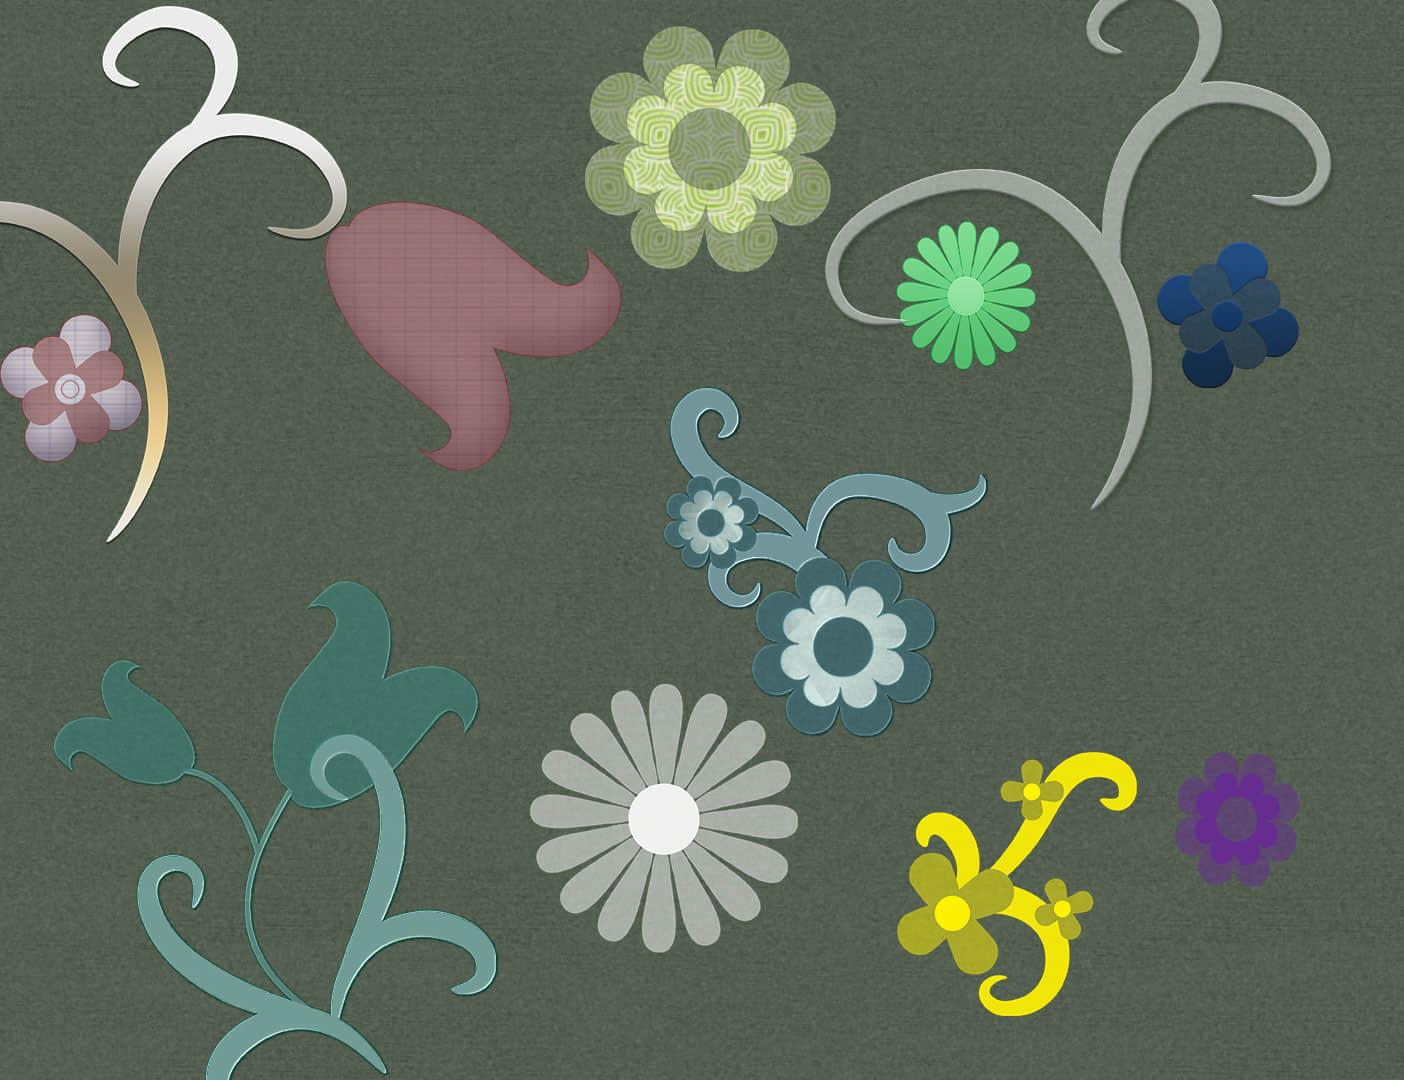 复古式鲜花图案PS笔刷素材下载